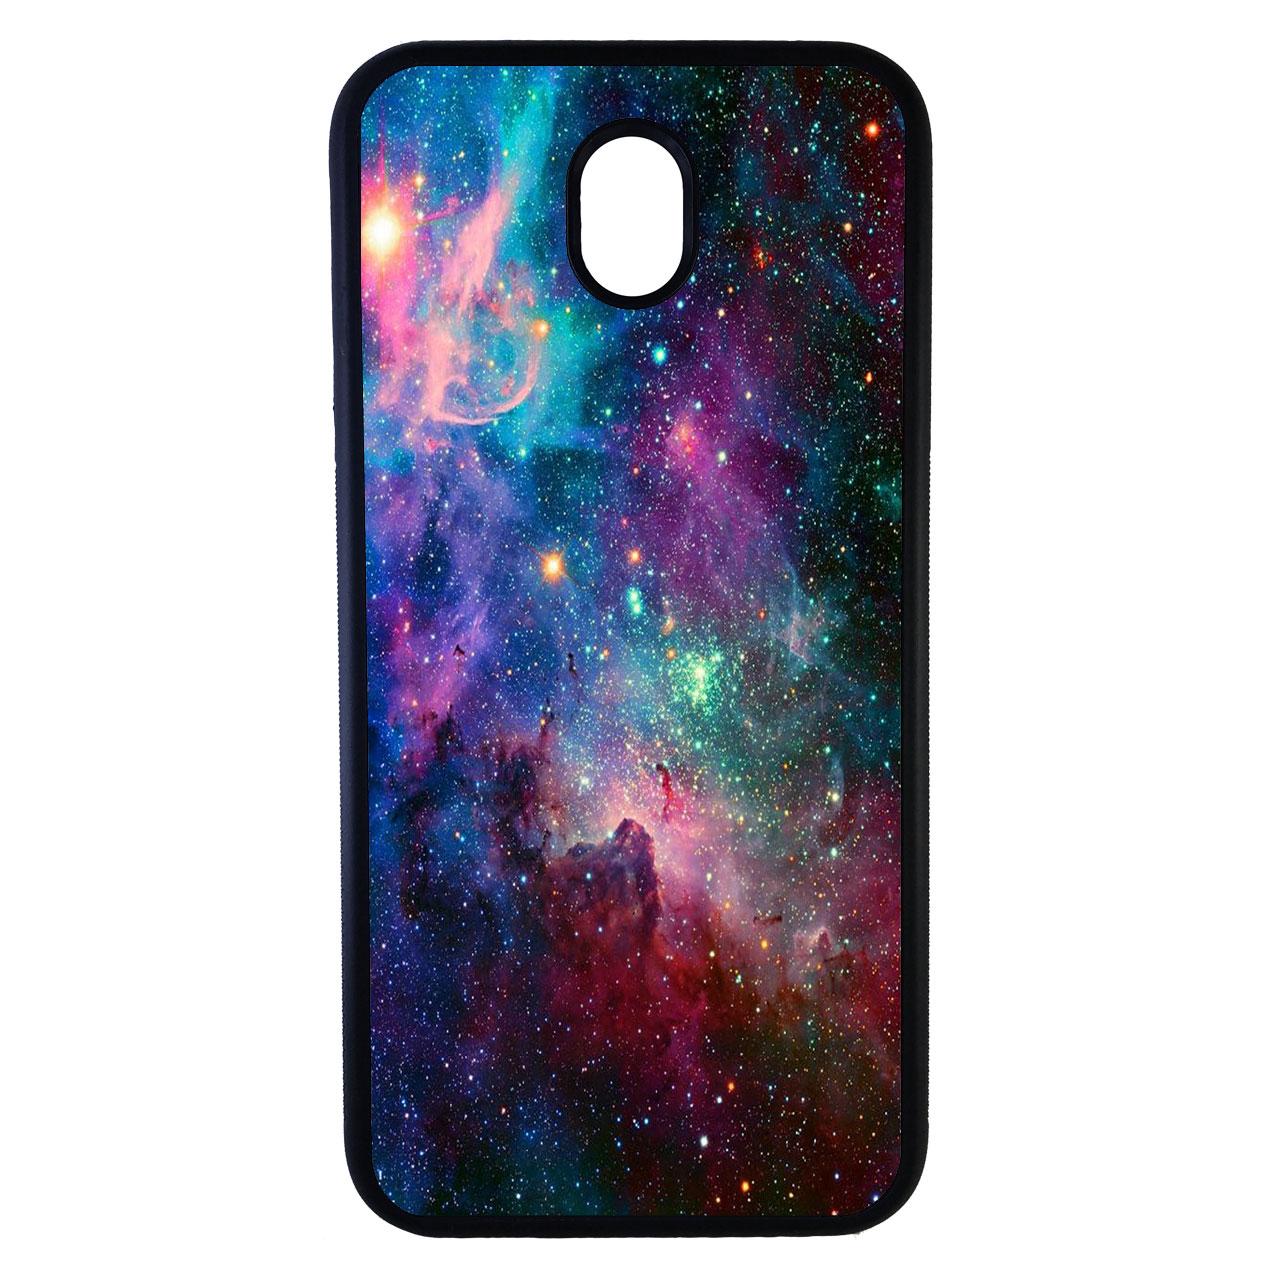 کاور طرح فضا کد 7488 مناسب برای گوشی موبایل سامسونگ galaxy j3 pro